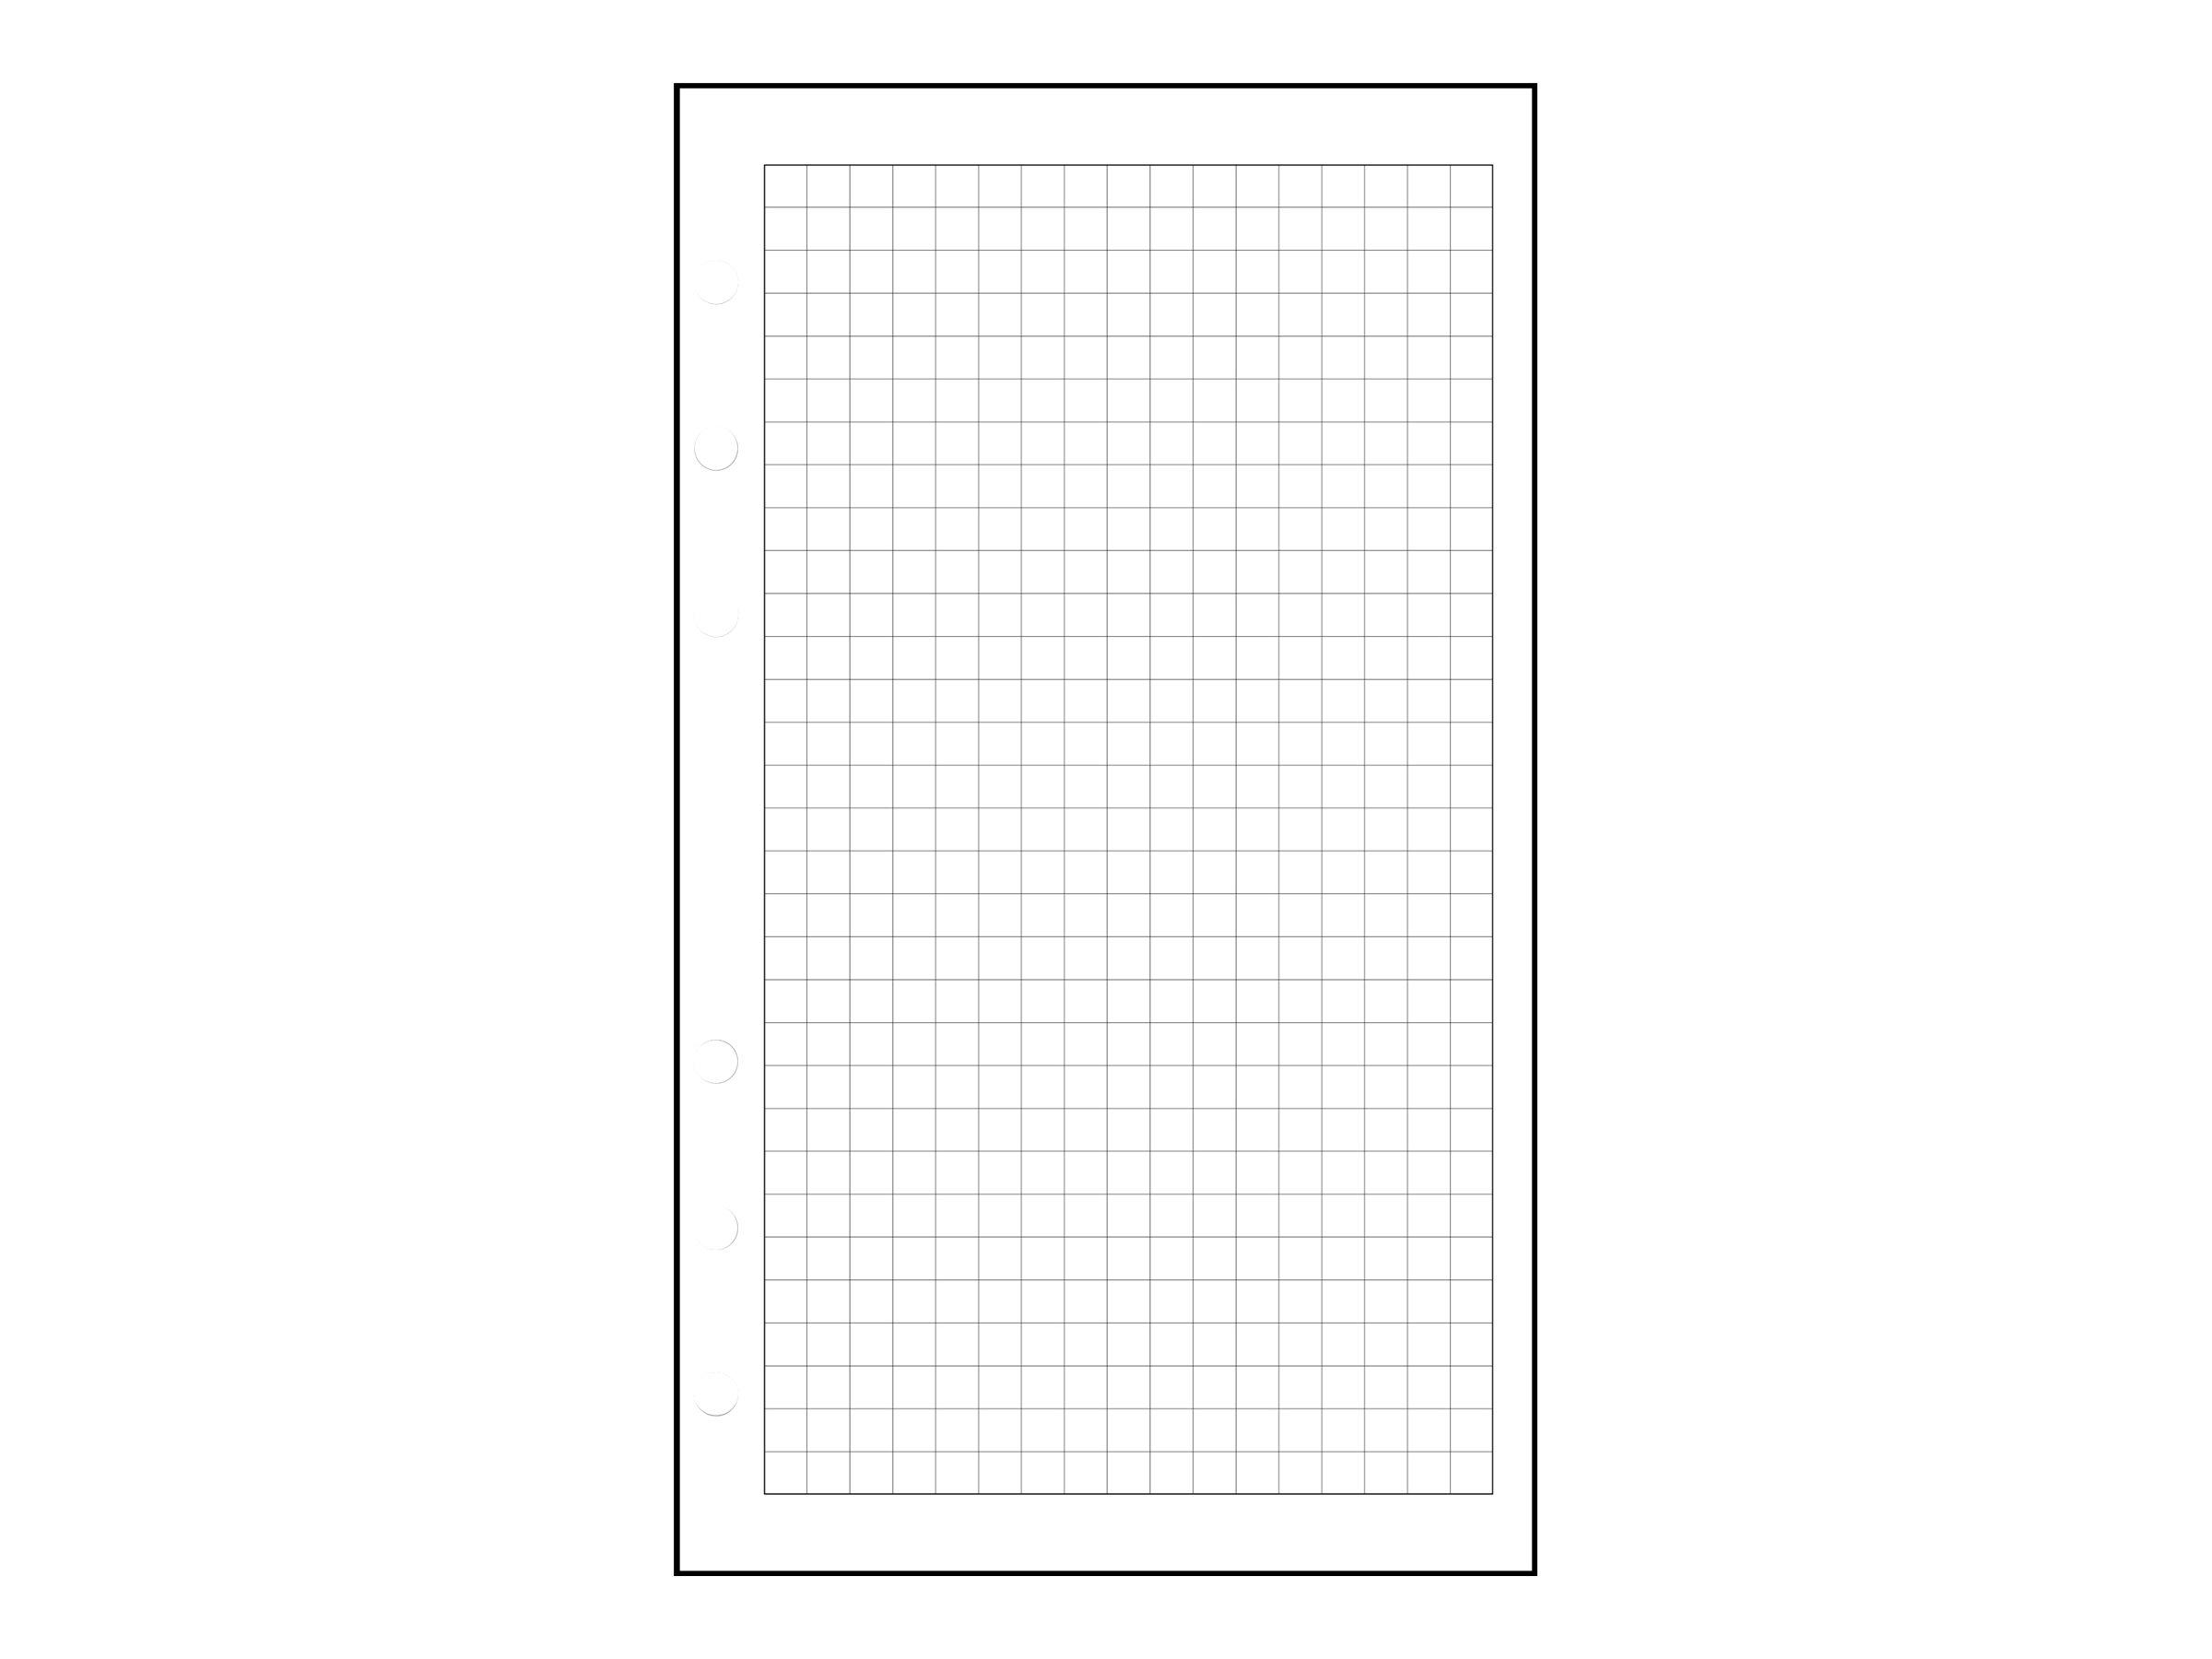 Exacompta Exatime 17 - Recharge pour organiseur - 44 feuilles quadrillées 5x5 - 10,5 x 17,2 cm